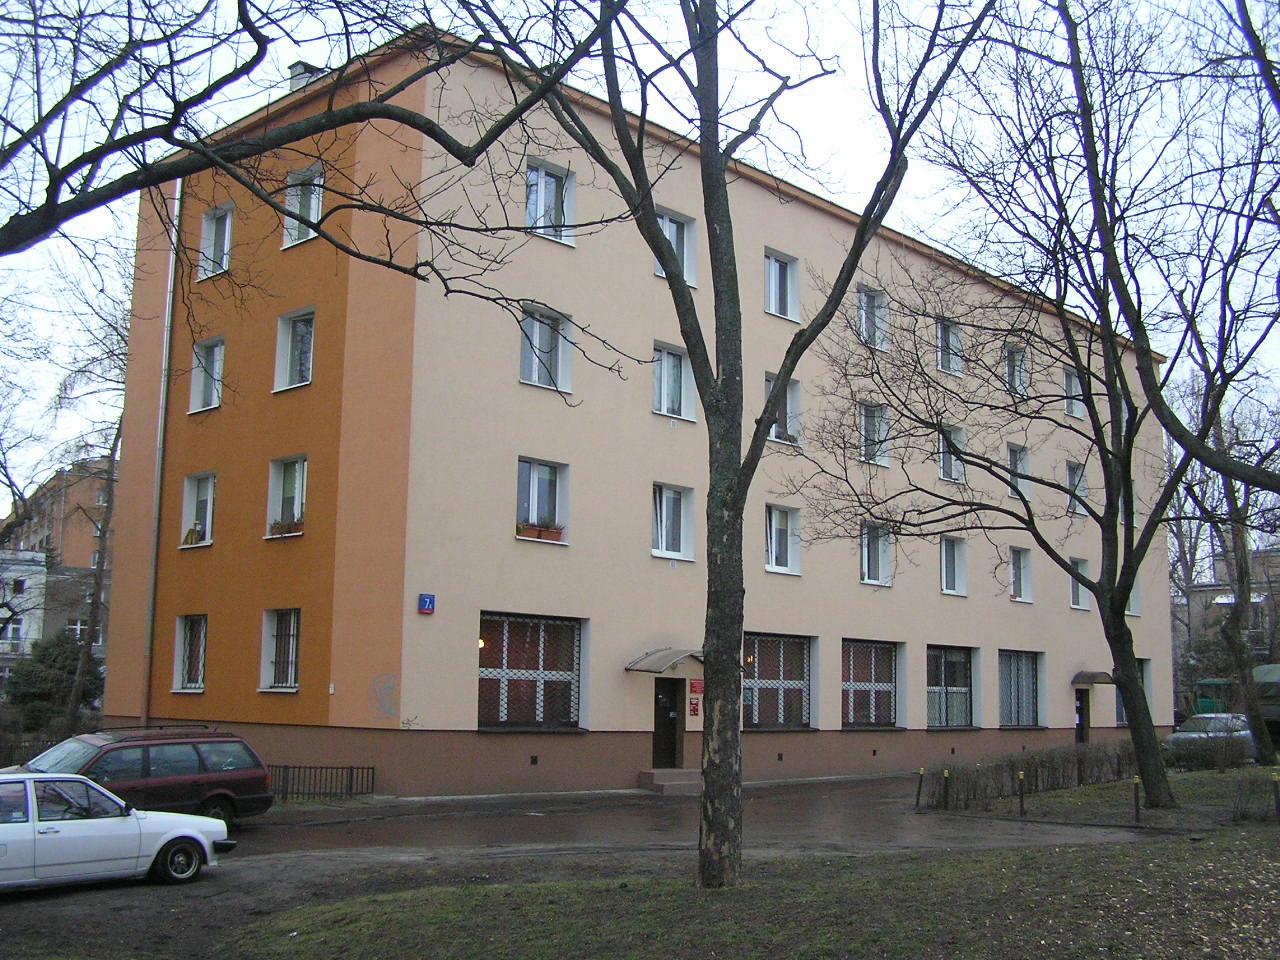 Budynek przy ulicy Walewskiej 7A na Grochowie